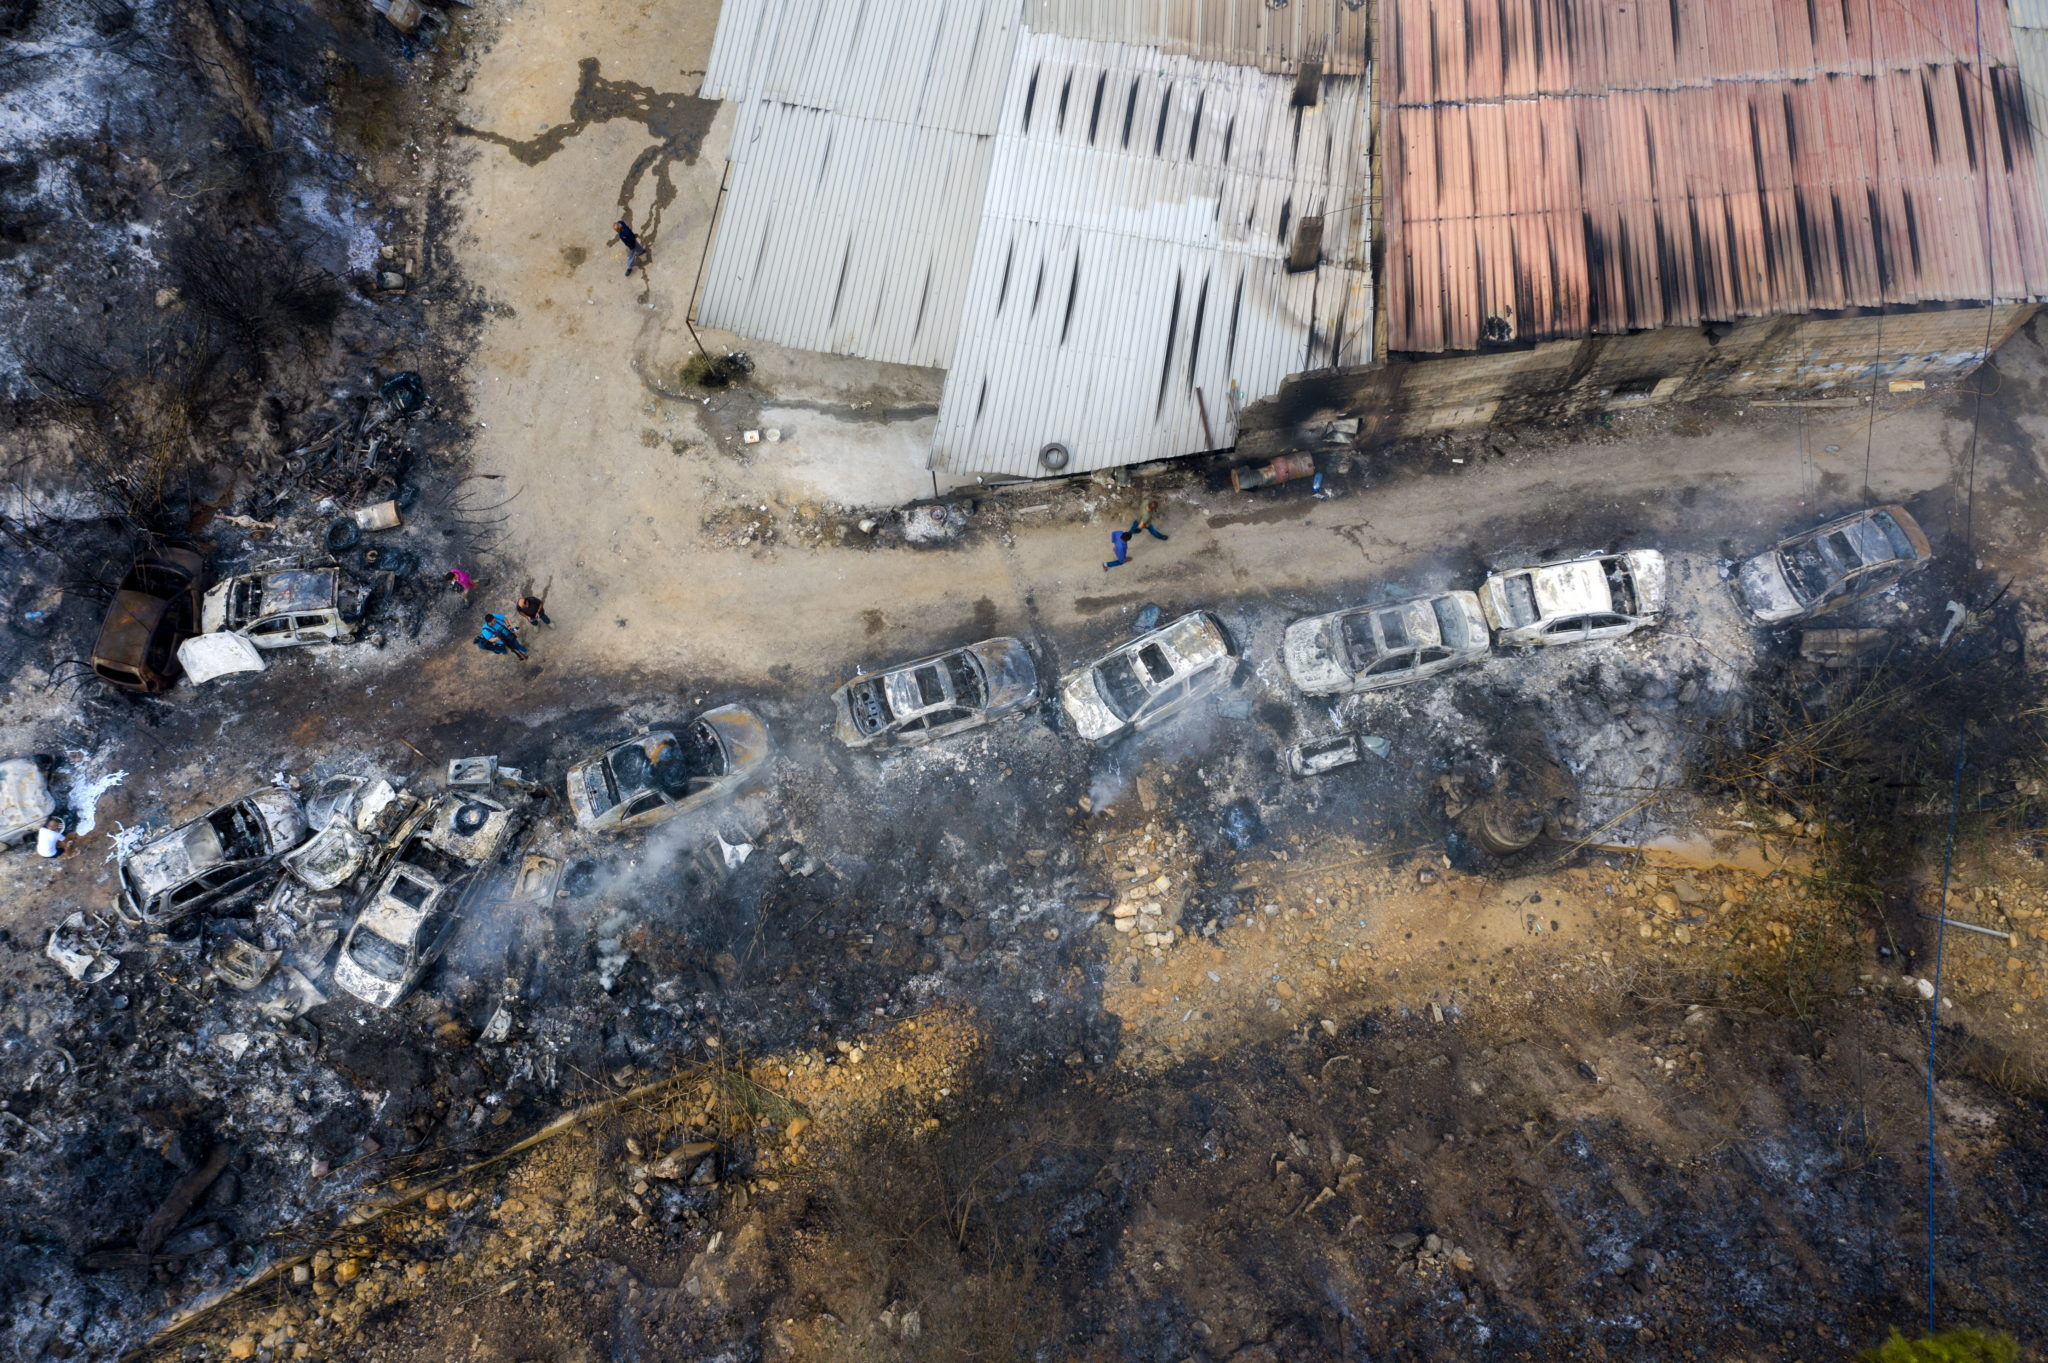 Liban: widok z lotu ptaka, rzędy spalonych samochodów w rejonie Al Damour w południowym Bejrucie, fot. WAEL HAMZEH, PAP/EPA